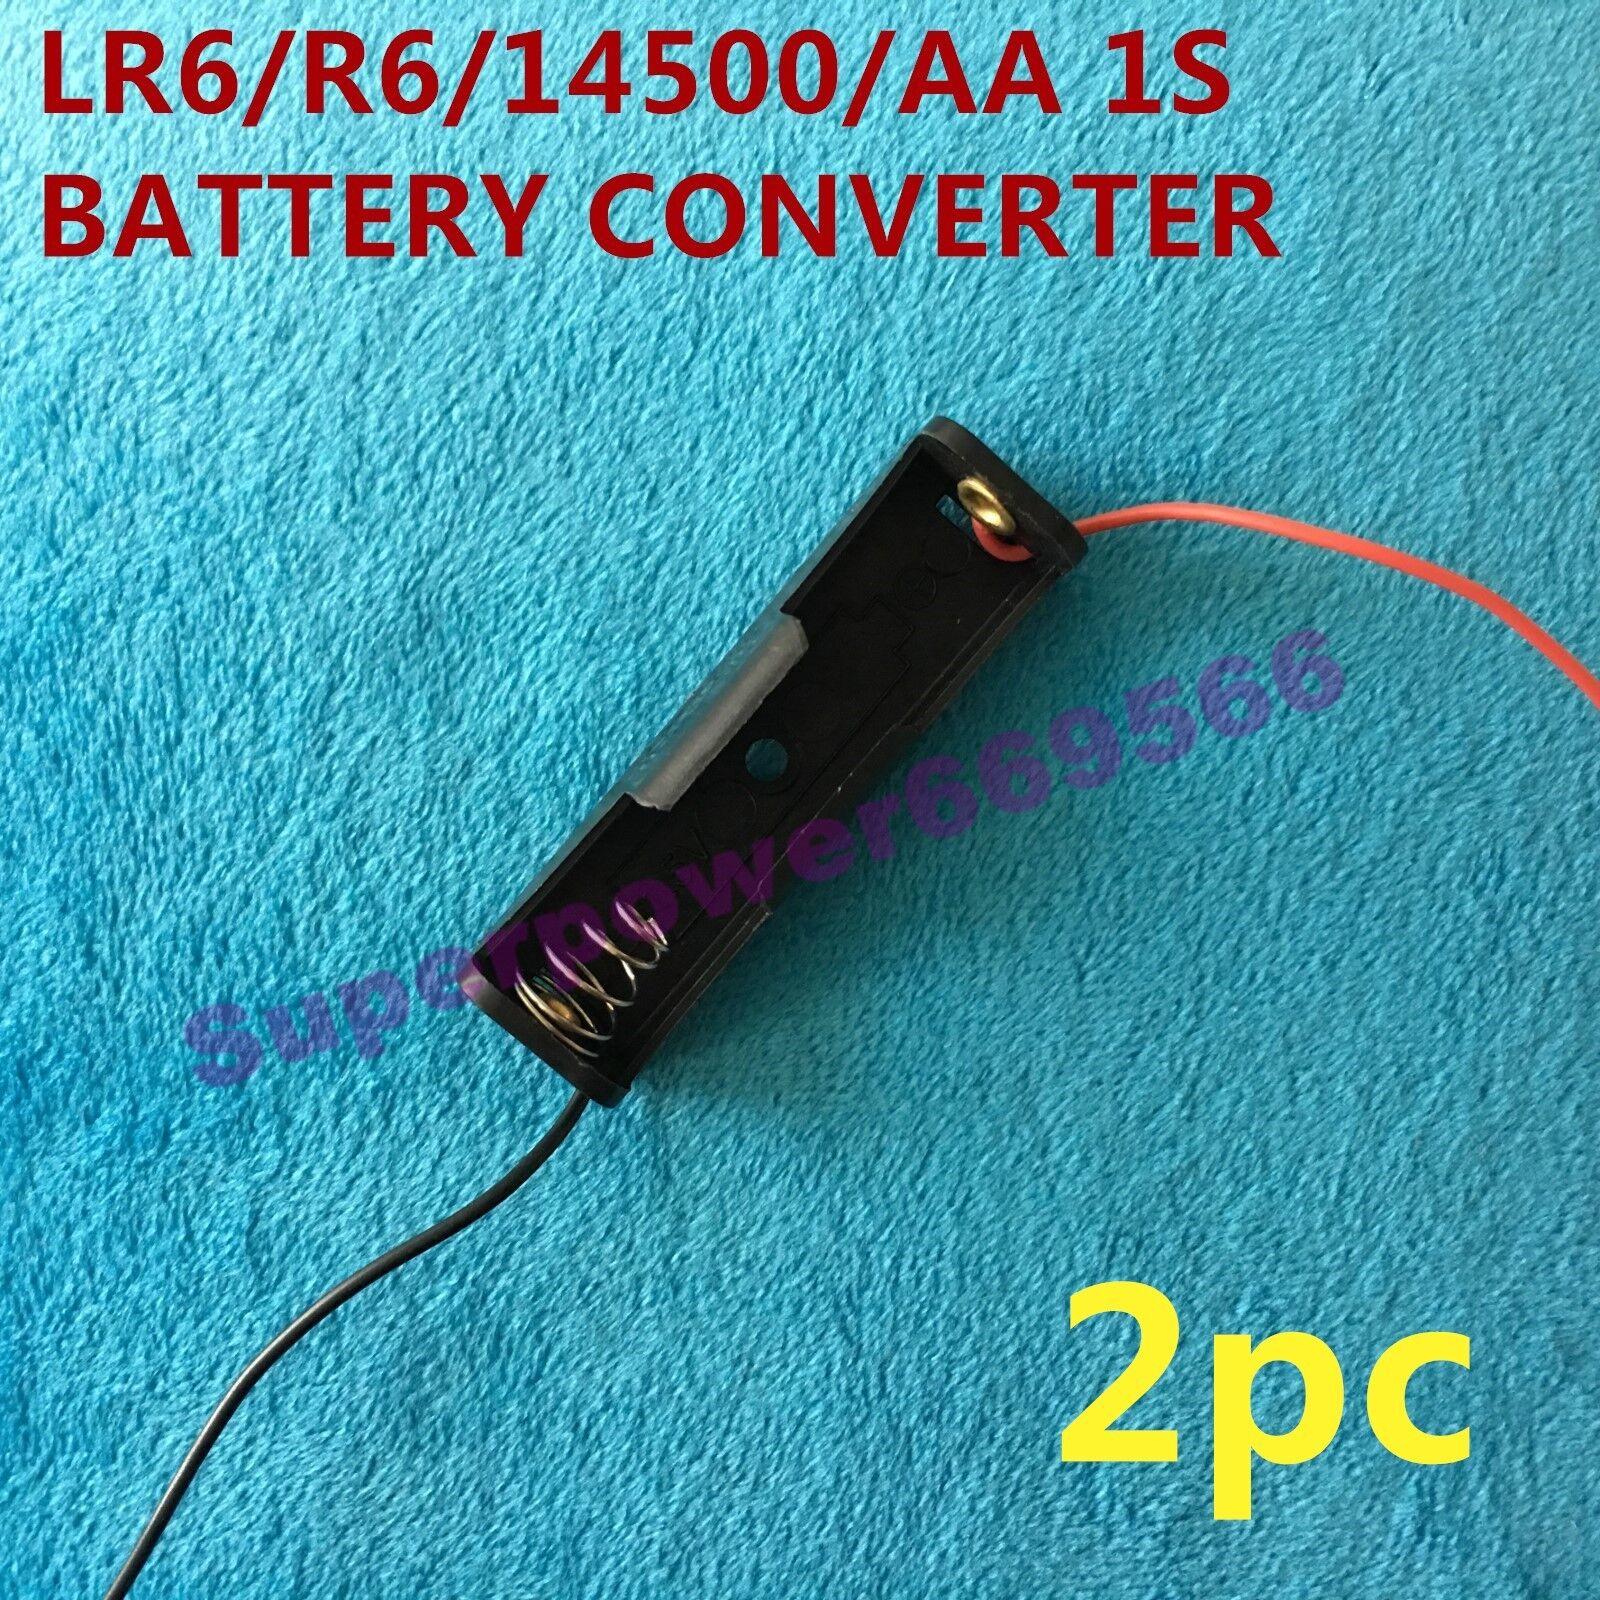 2PC one slot plastic converter holder clip for 1.5V AA R6 LR6 14500 3.6V 3.2V